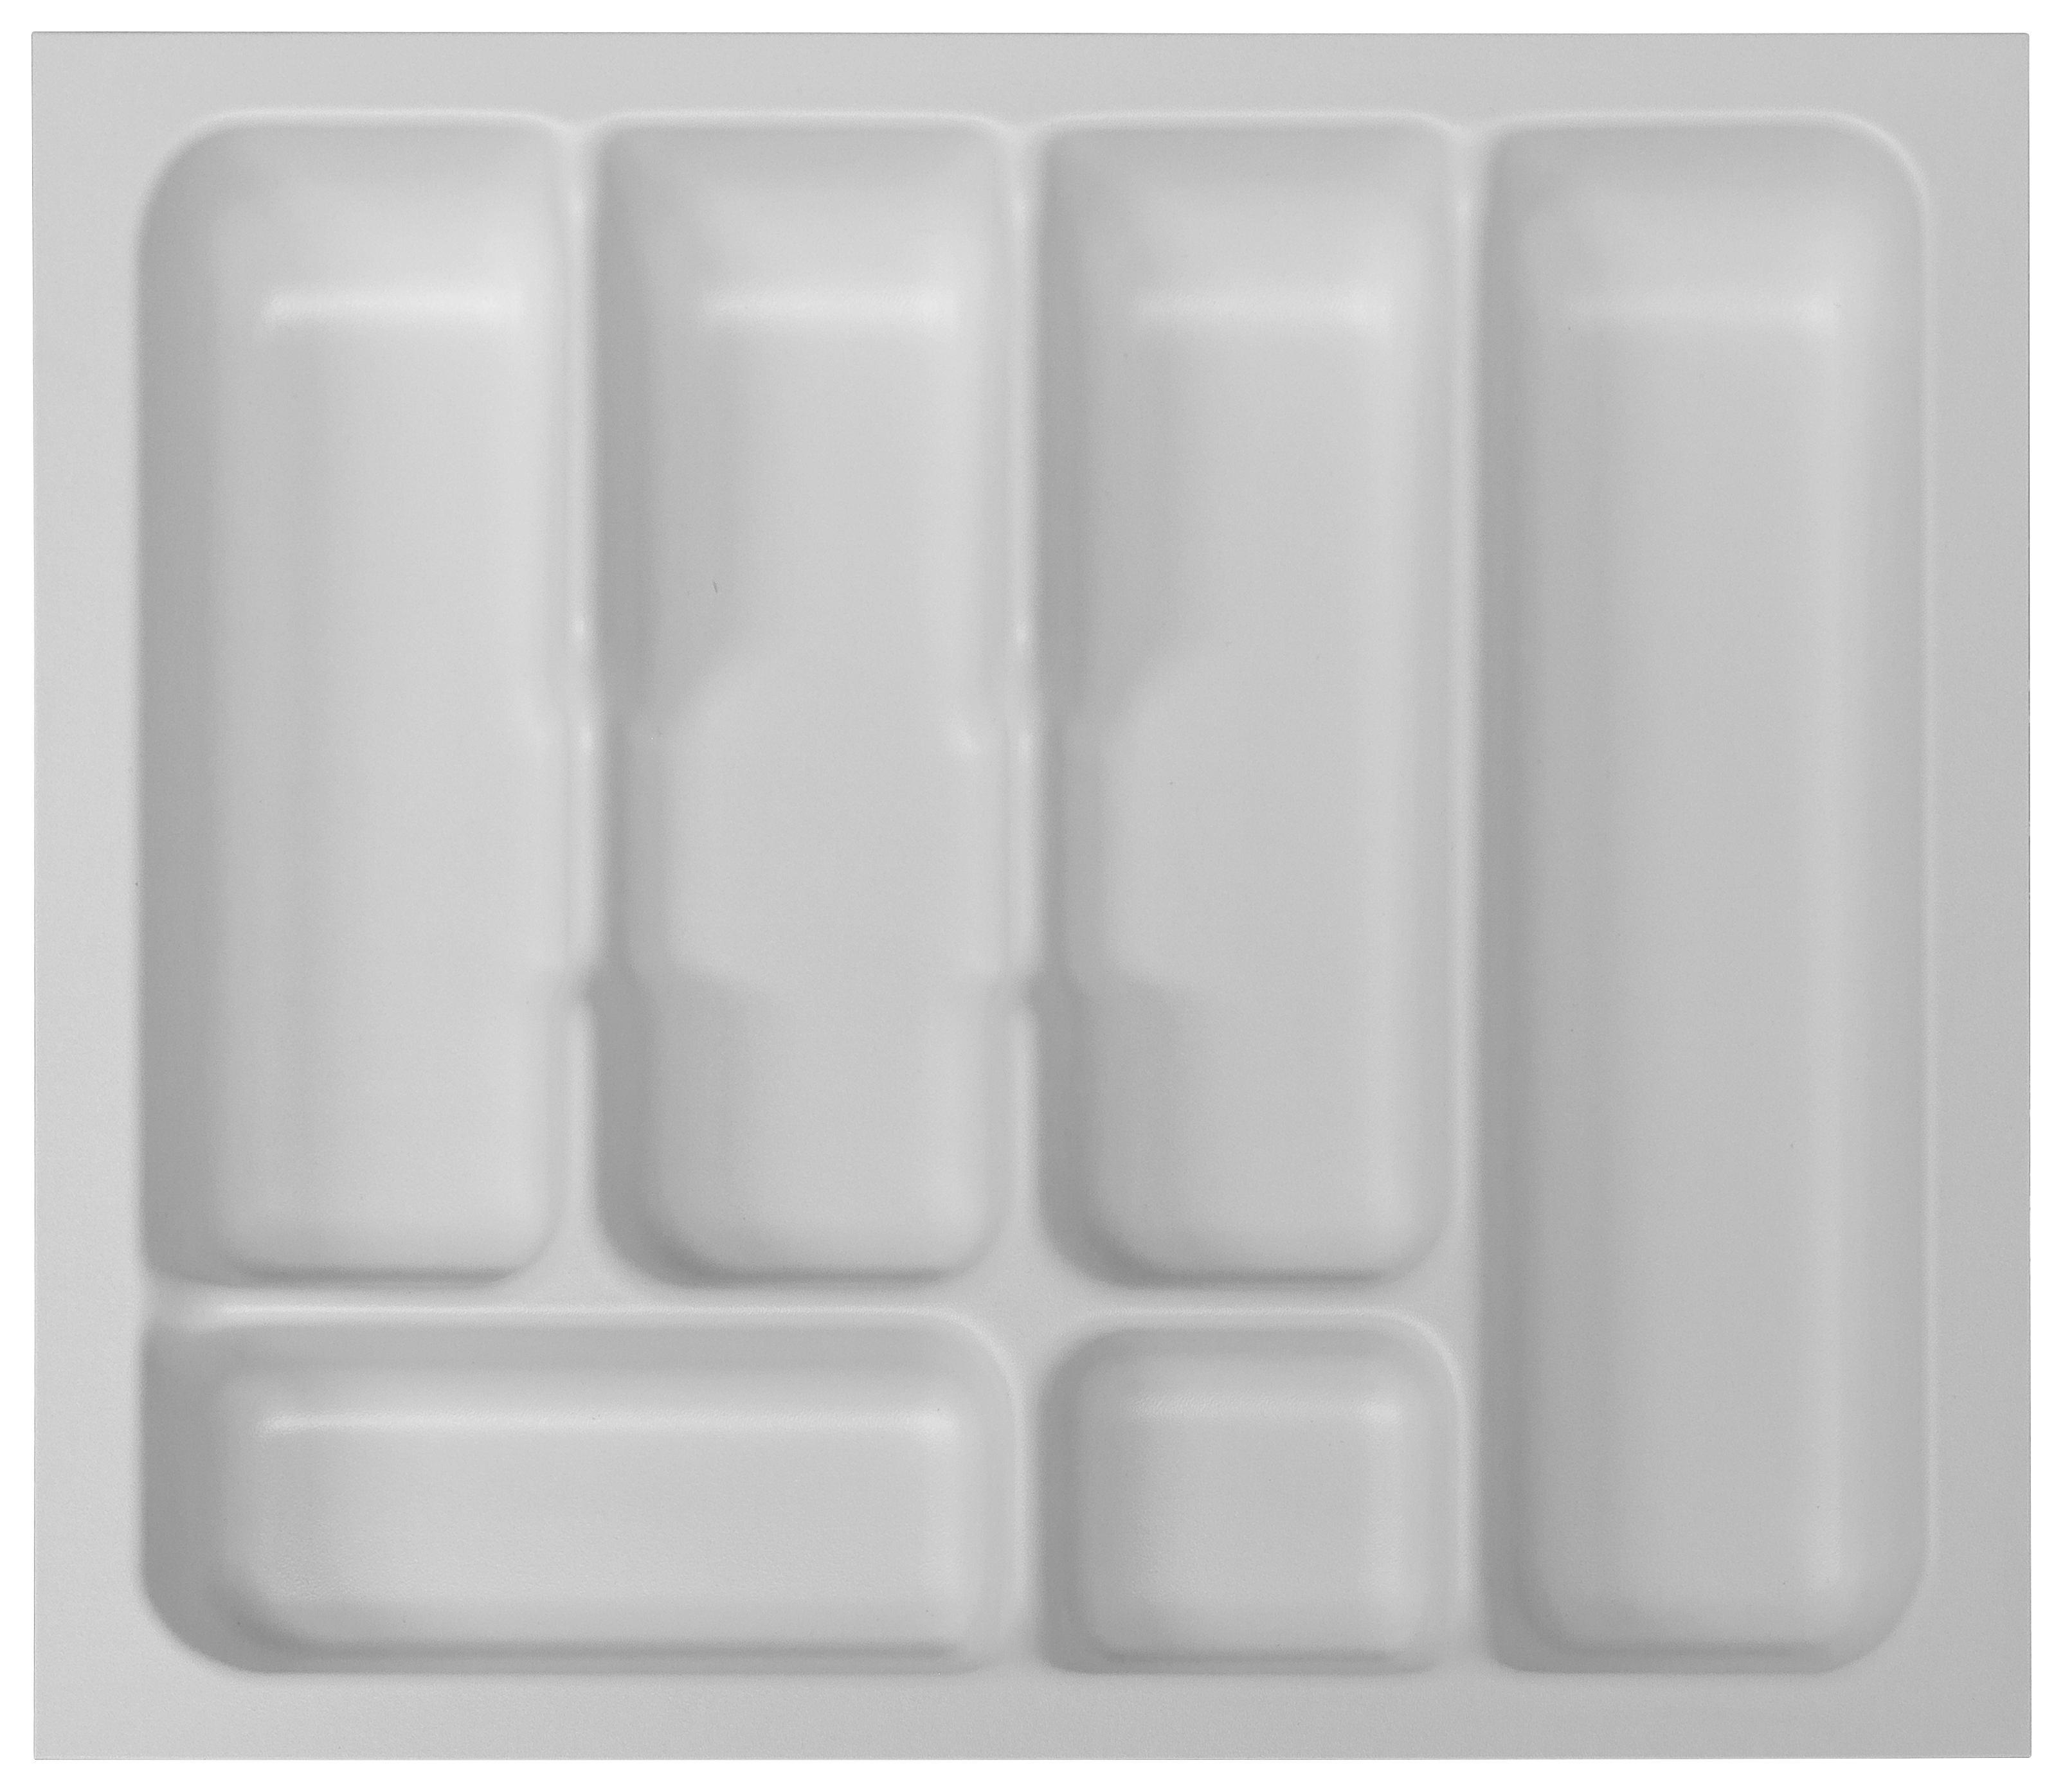 Besteckeinsatz zubehör in Weiß - Weiß, MODERN, Kunststoff